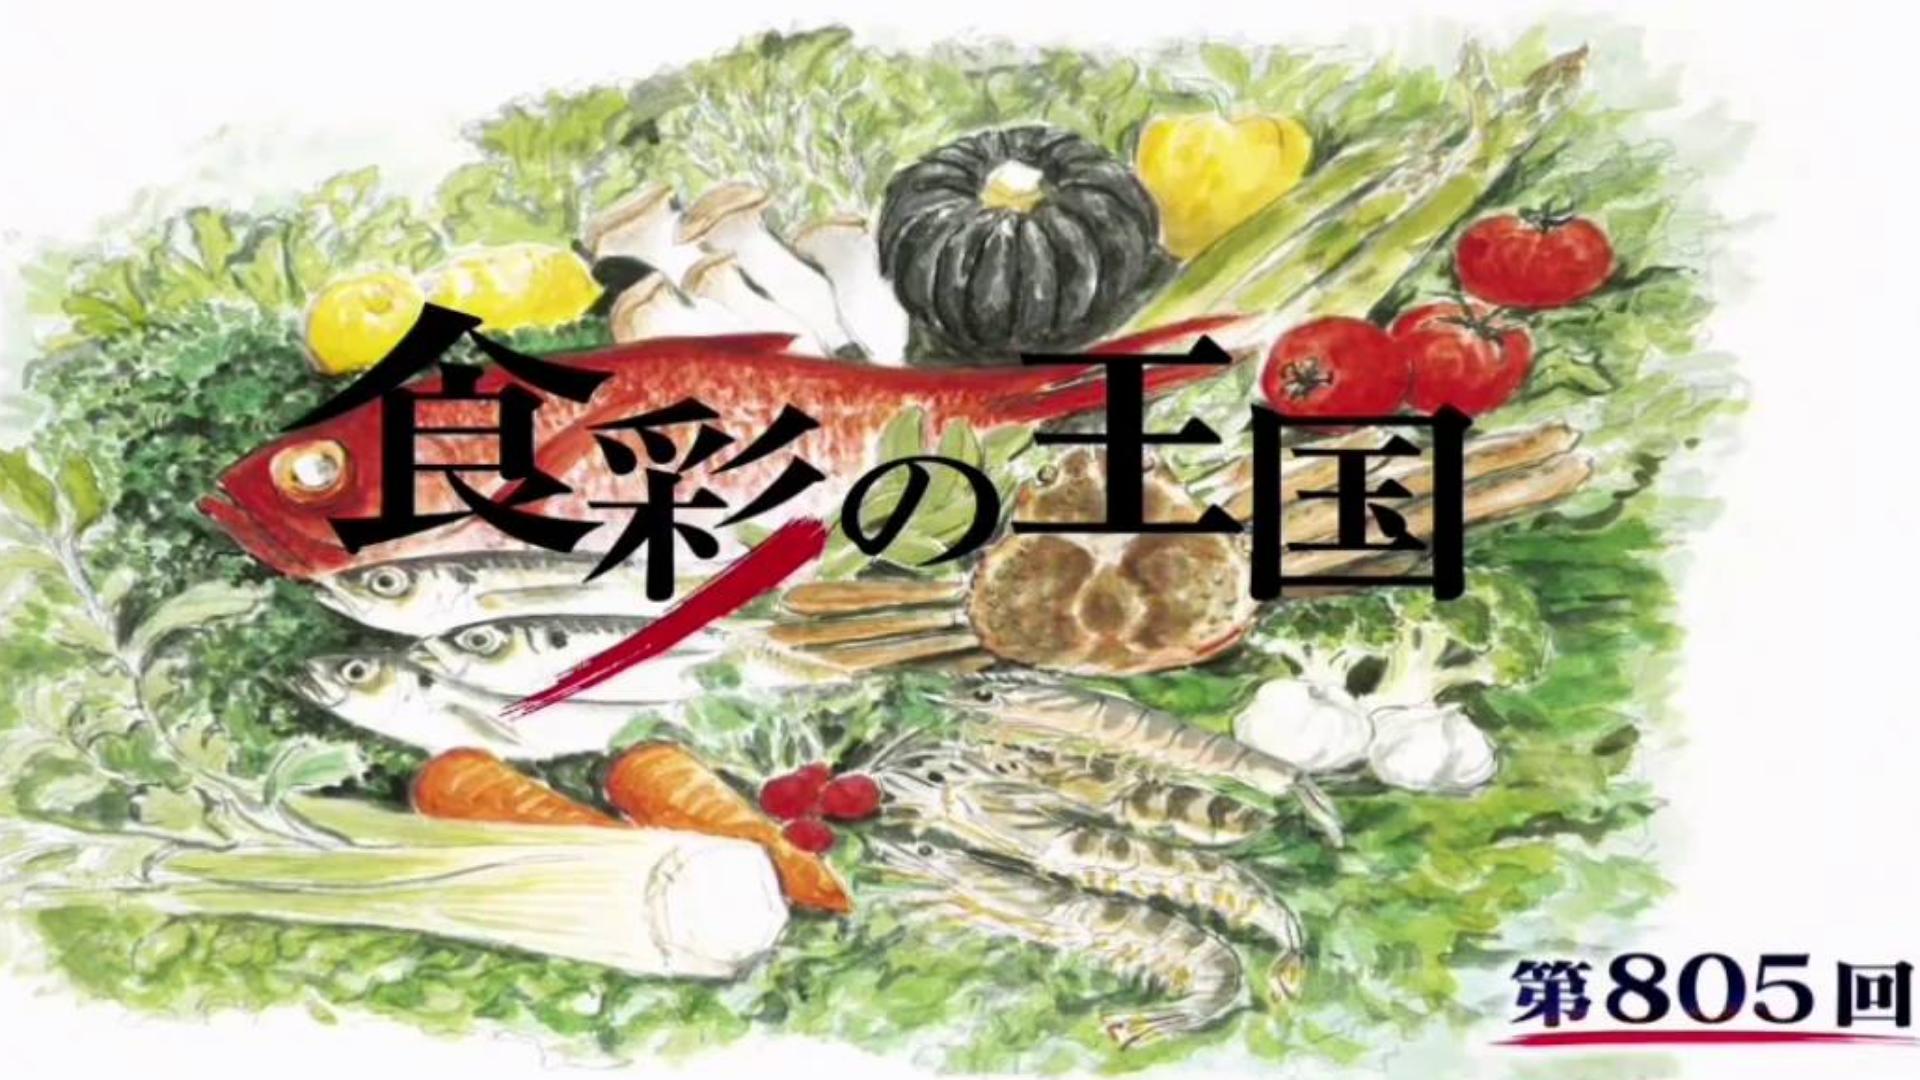 【朝日】食彩之国 第805回 油橄榄(双语字幕)@イロハ字幕